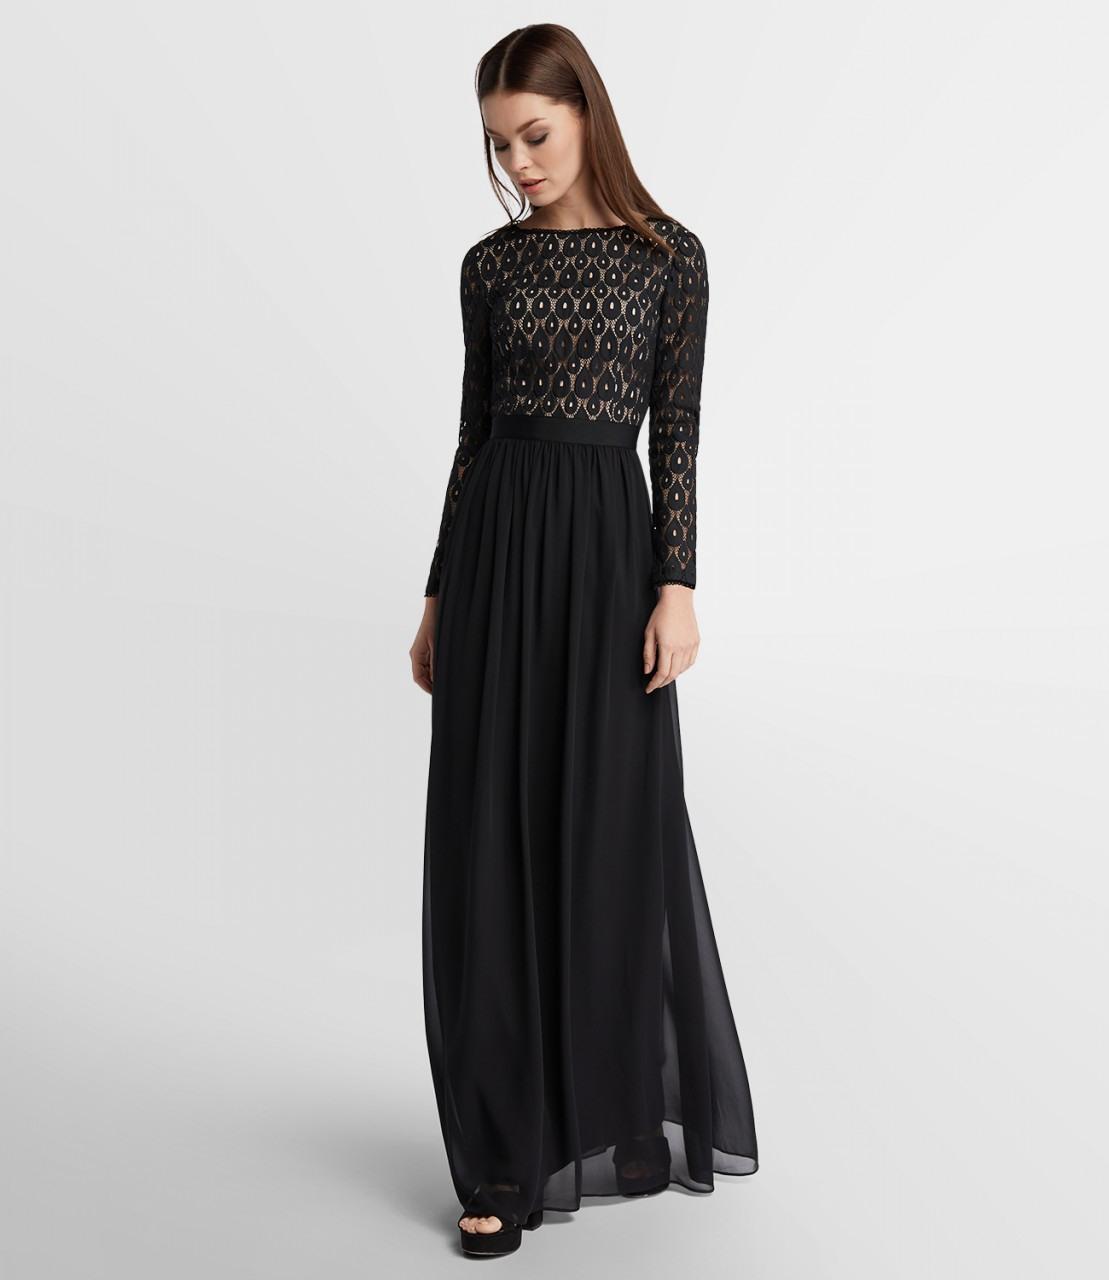 10 Schön Www.Abend Kleid Galerie Spektakulär Www.Abend Kleid Ärmel